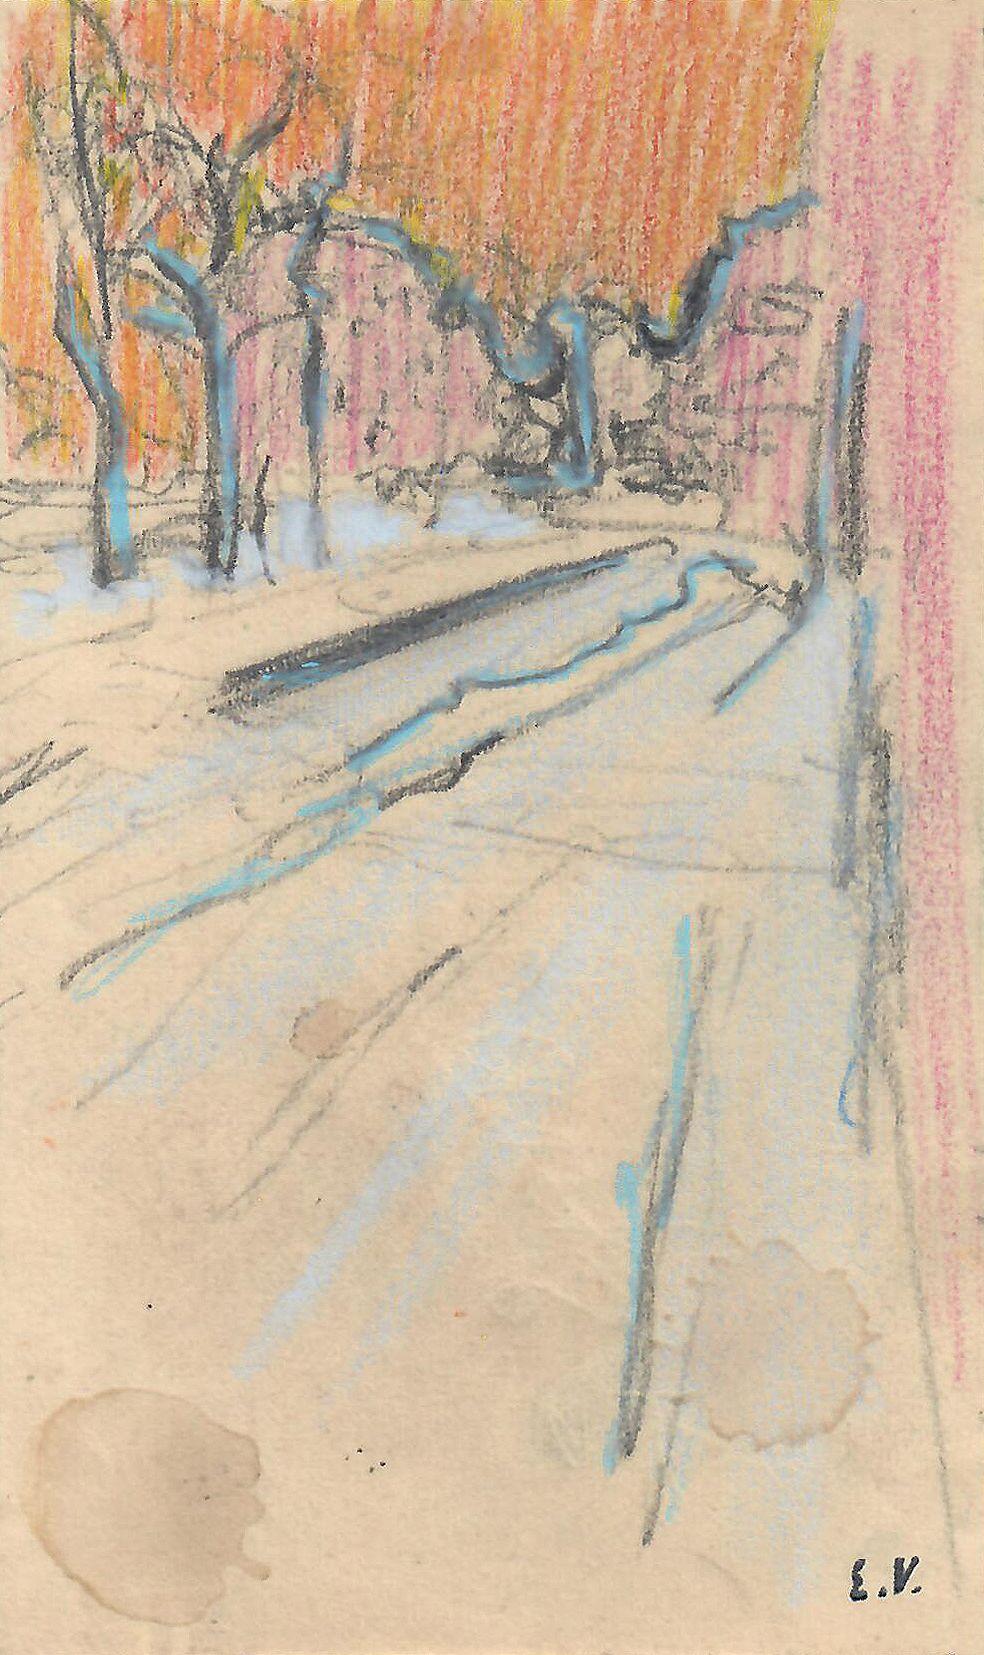 Edouard Vuillard, Vue de rue, 1892-95, Crayon on paper 5 3/8 x 3 1/4 inches